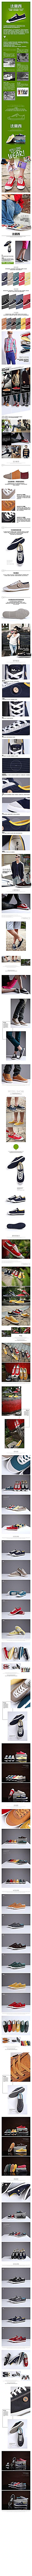 法籣西复古休闲帆布鞋细节详情页PSD素材